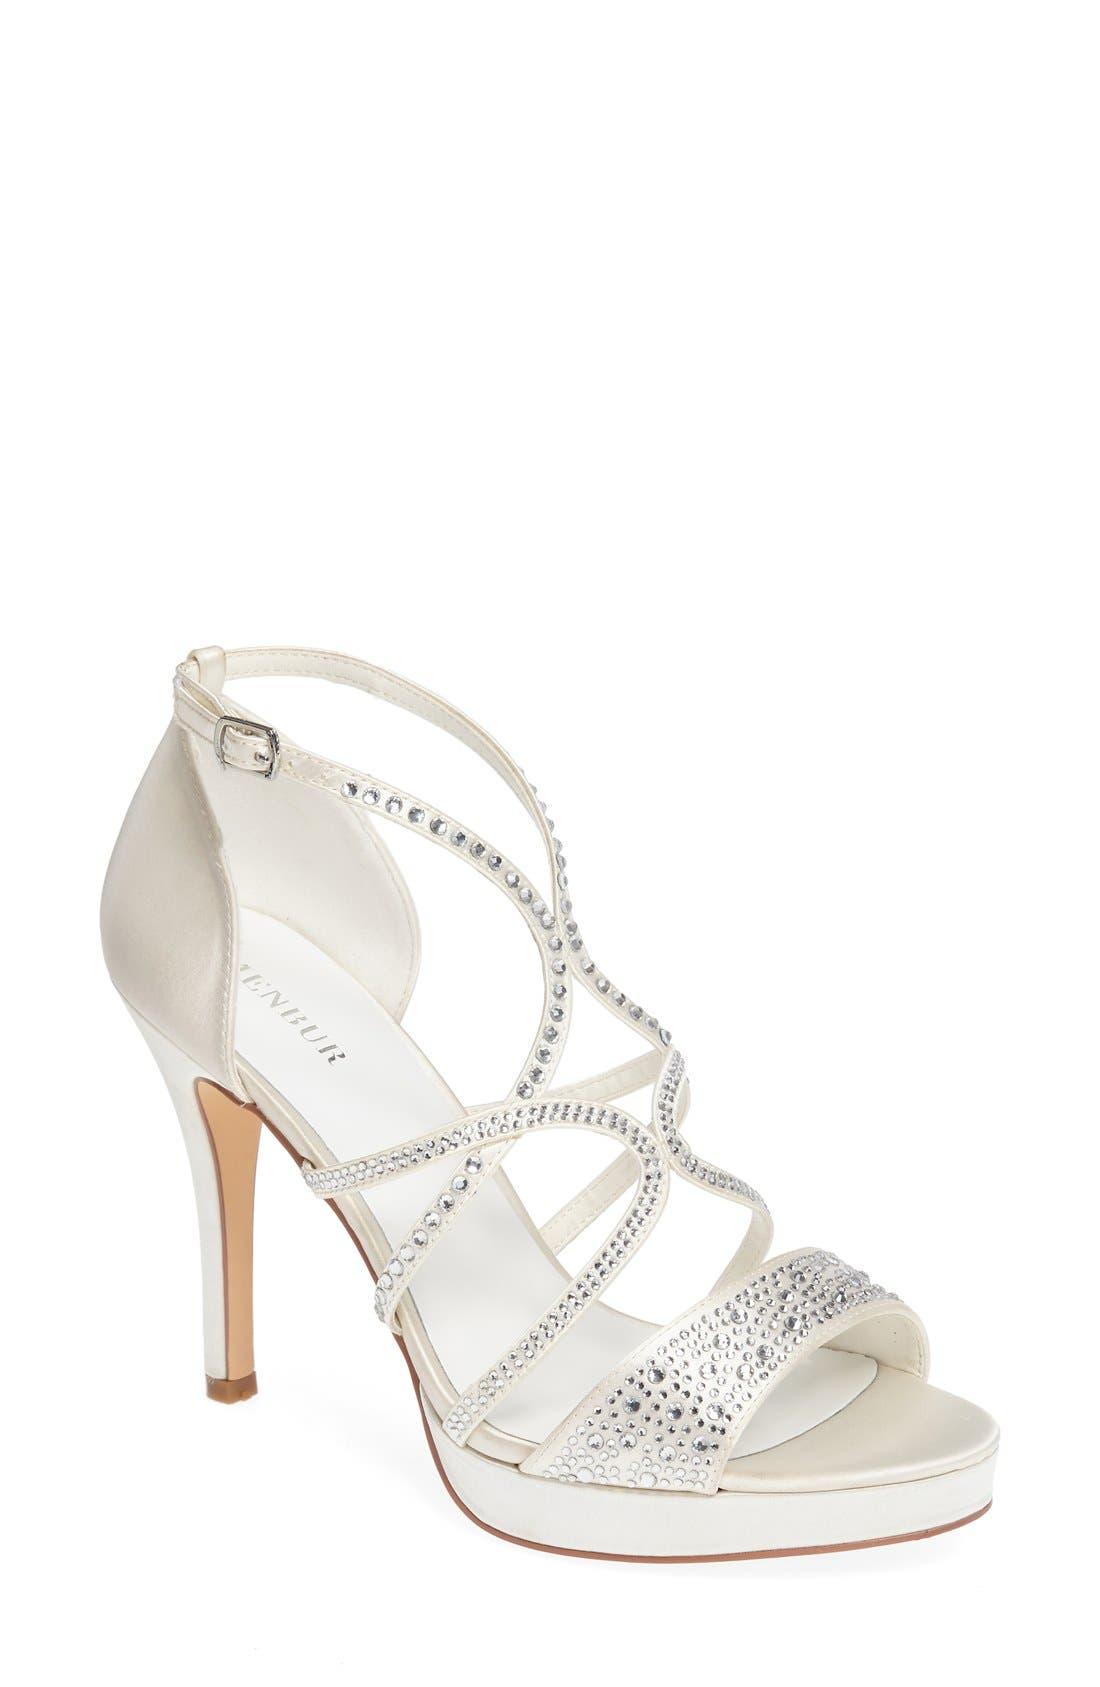 Alternate Image 1 Selected - Menbur Maite Platform Sandal (Women)